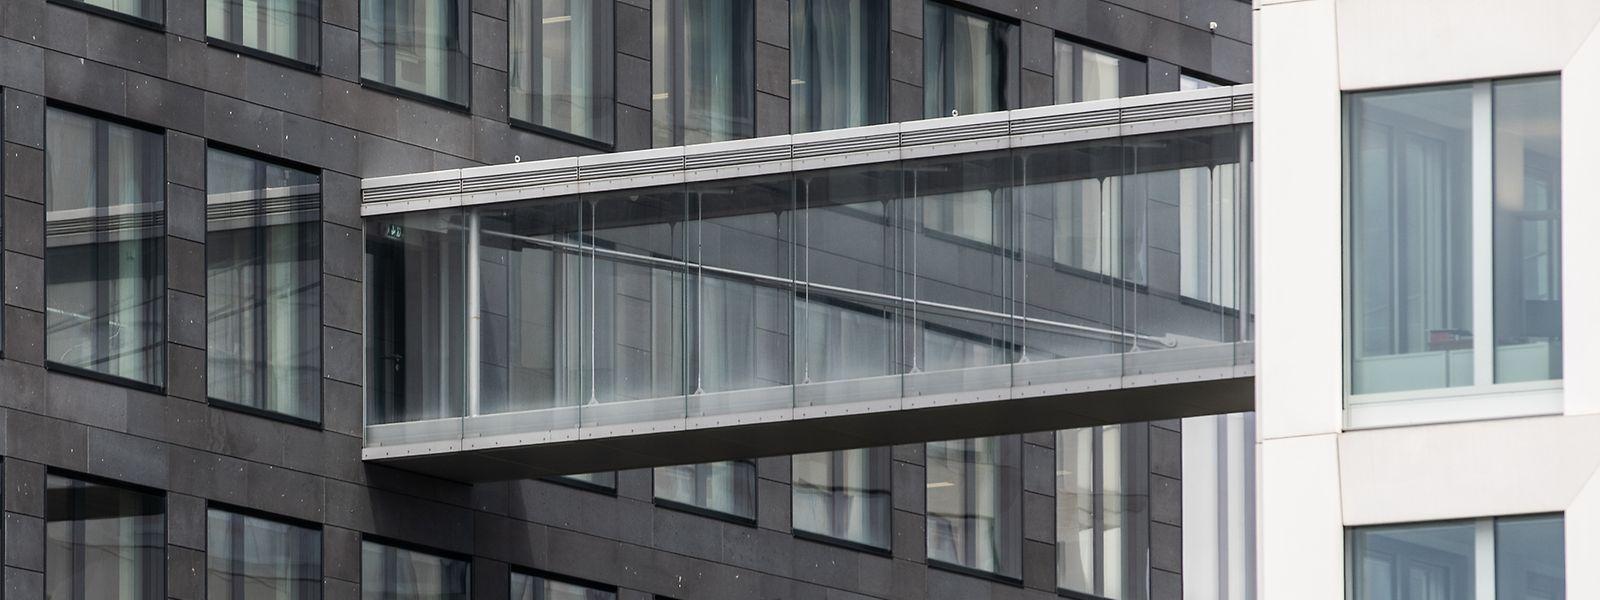 Derrière les vitres des bâtiments de la Place sont gérés pas moins de 4,7 milliards d'euros d'actifs.